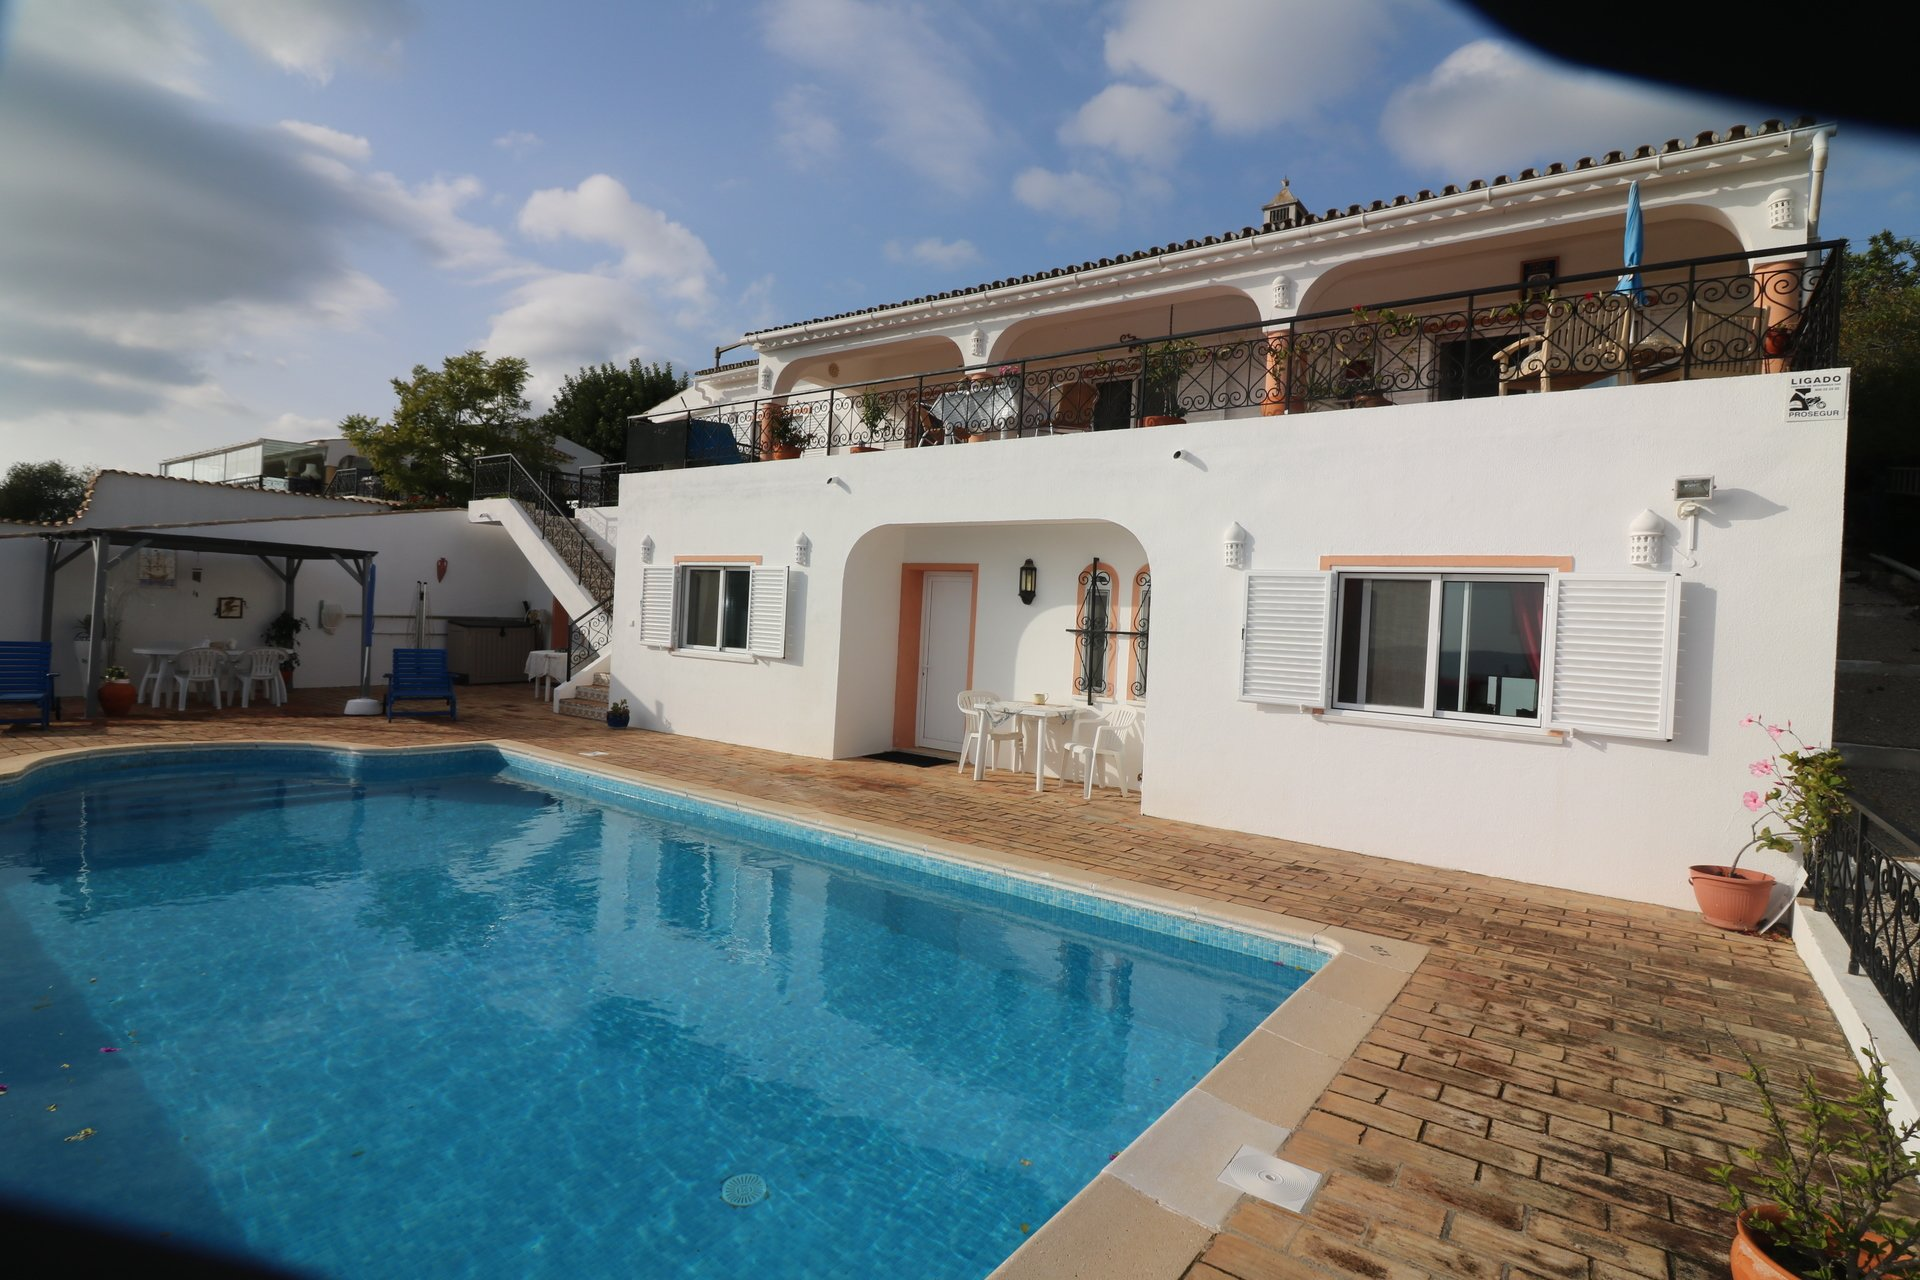 4 Bedroom Villa Sao Bras de Alportel, Central Algarve Ref: JV10299